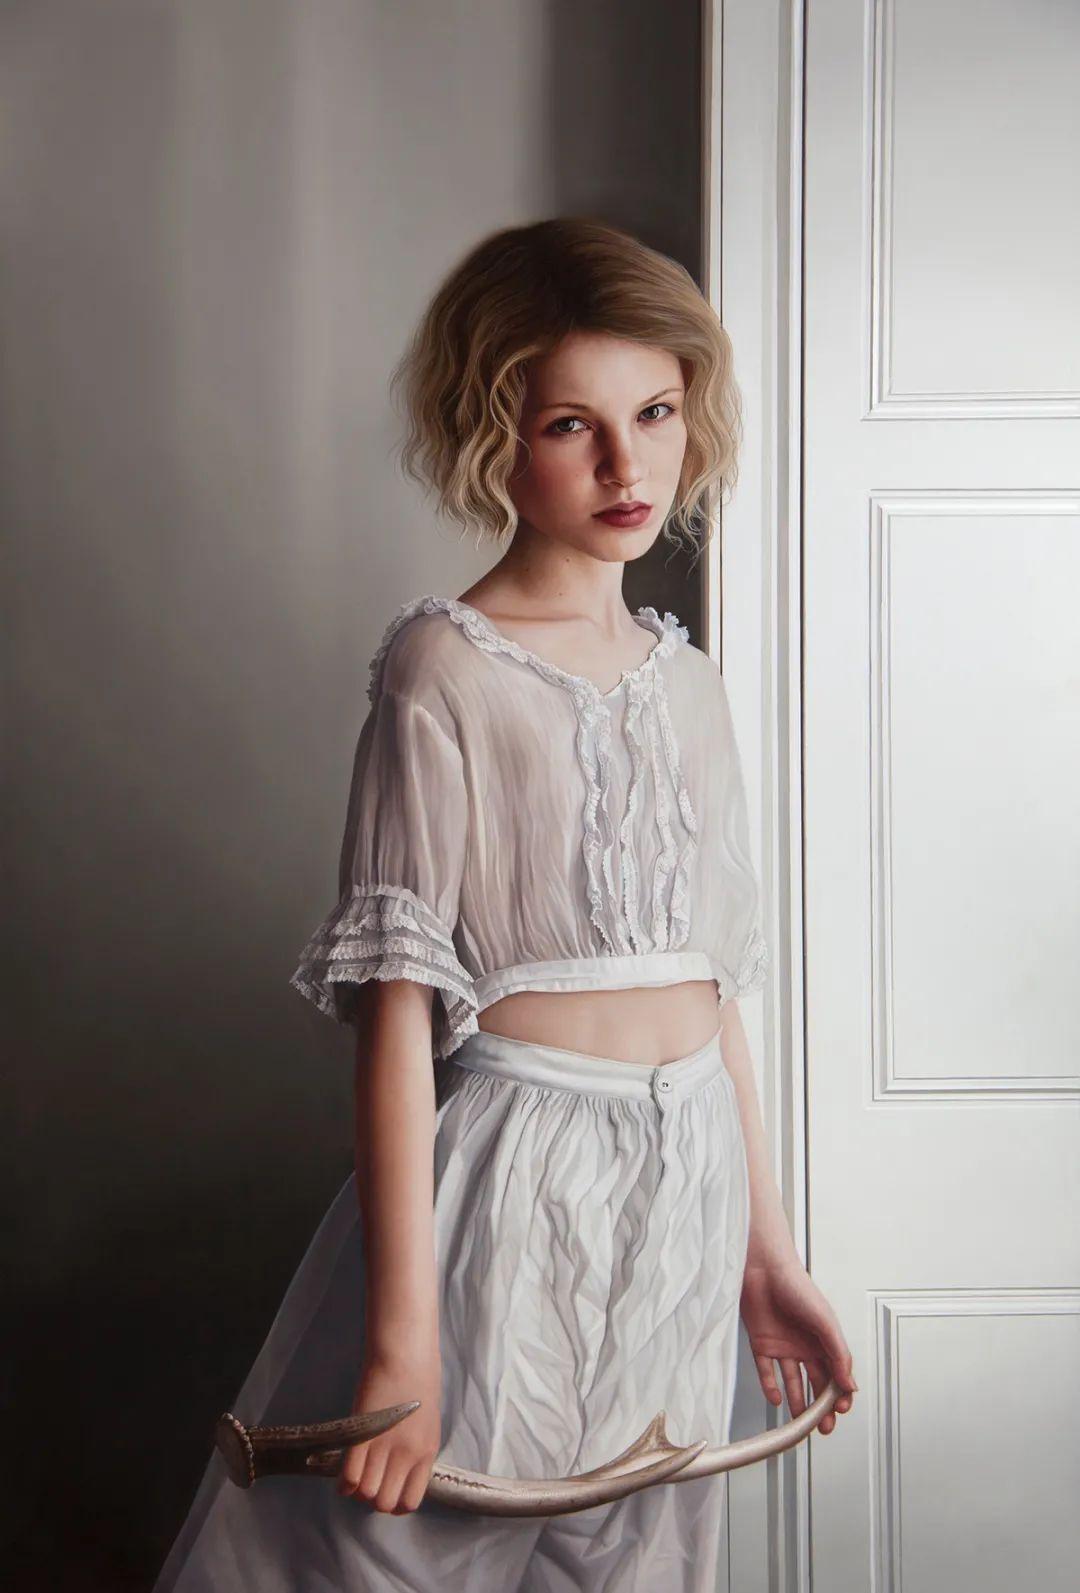 玛丽·简·安塞尔,时尚的女性肖像。插图11